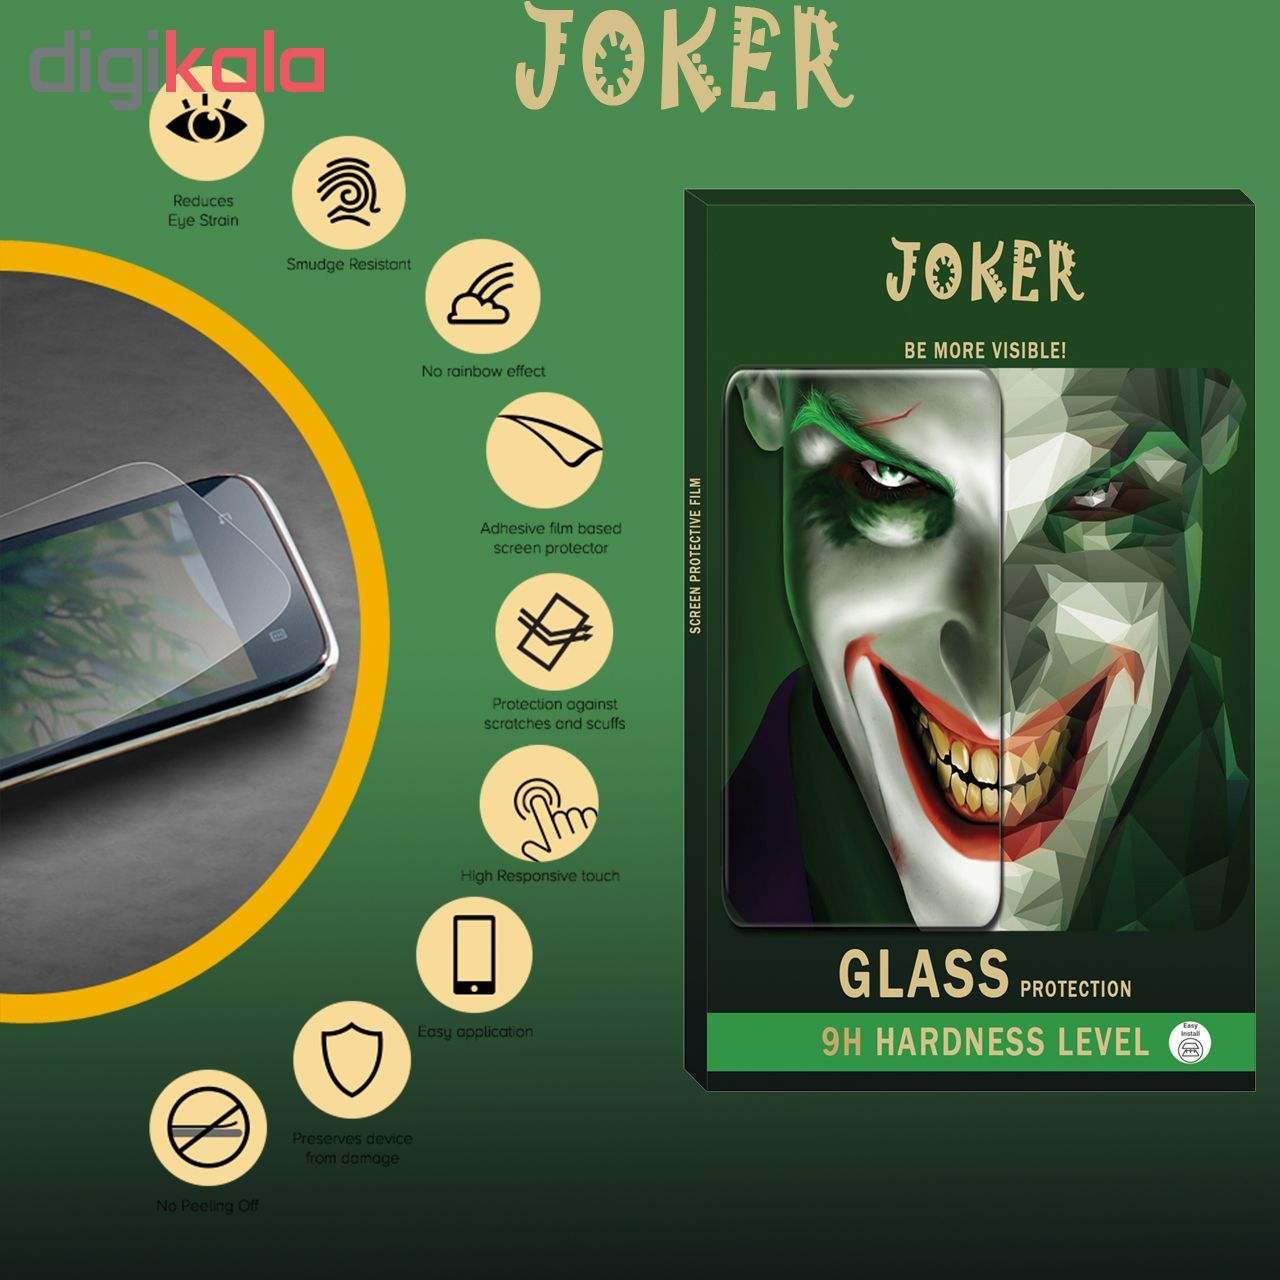 محافظ صفحه نمایش و پشت گوشی جوکر مدل FUM-01 مناسب برای گوشی موبایل اپل Iphone Xs Max main 1 6